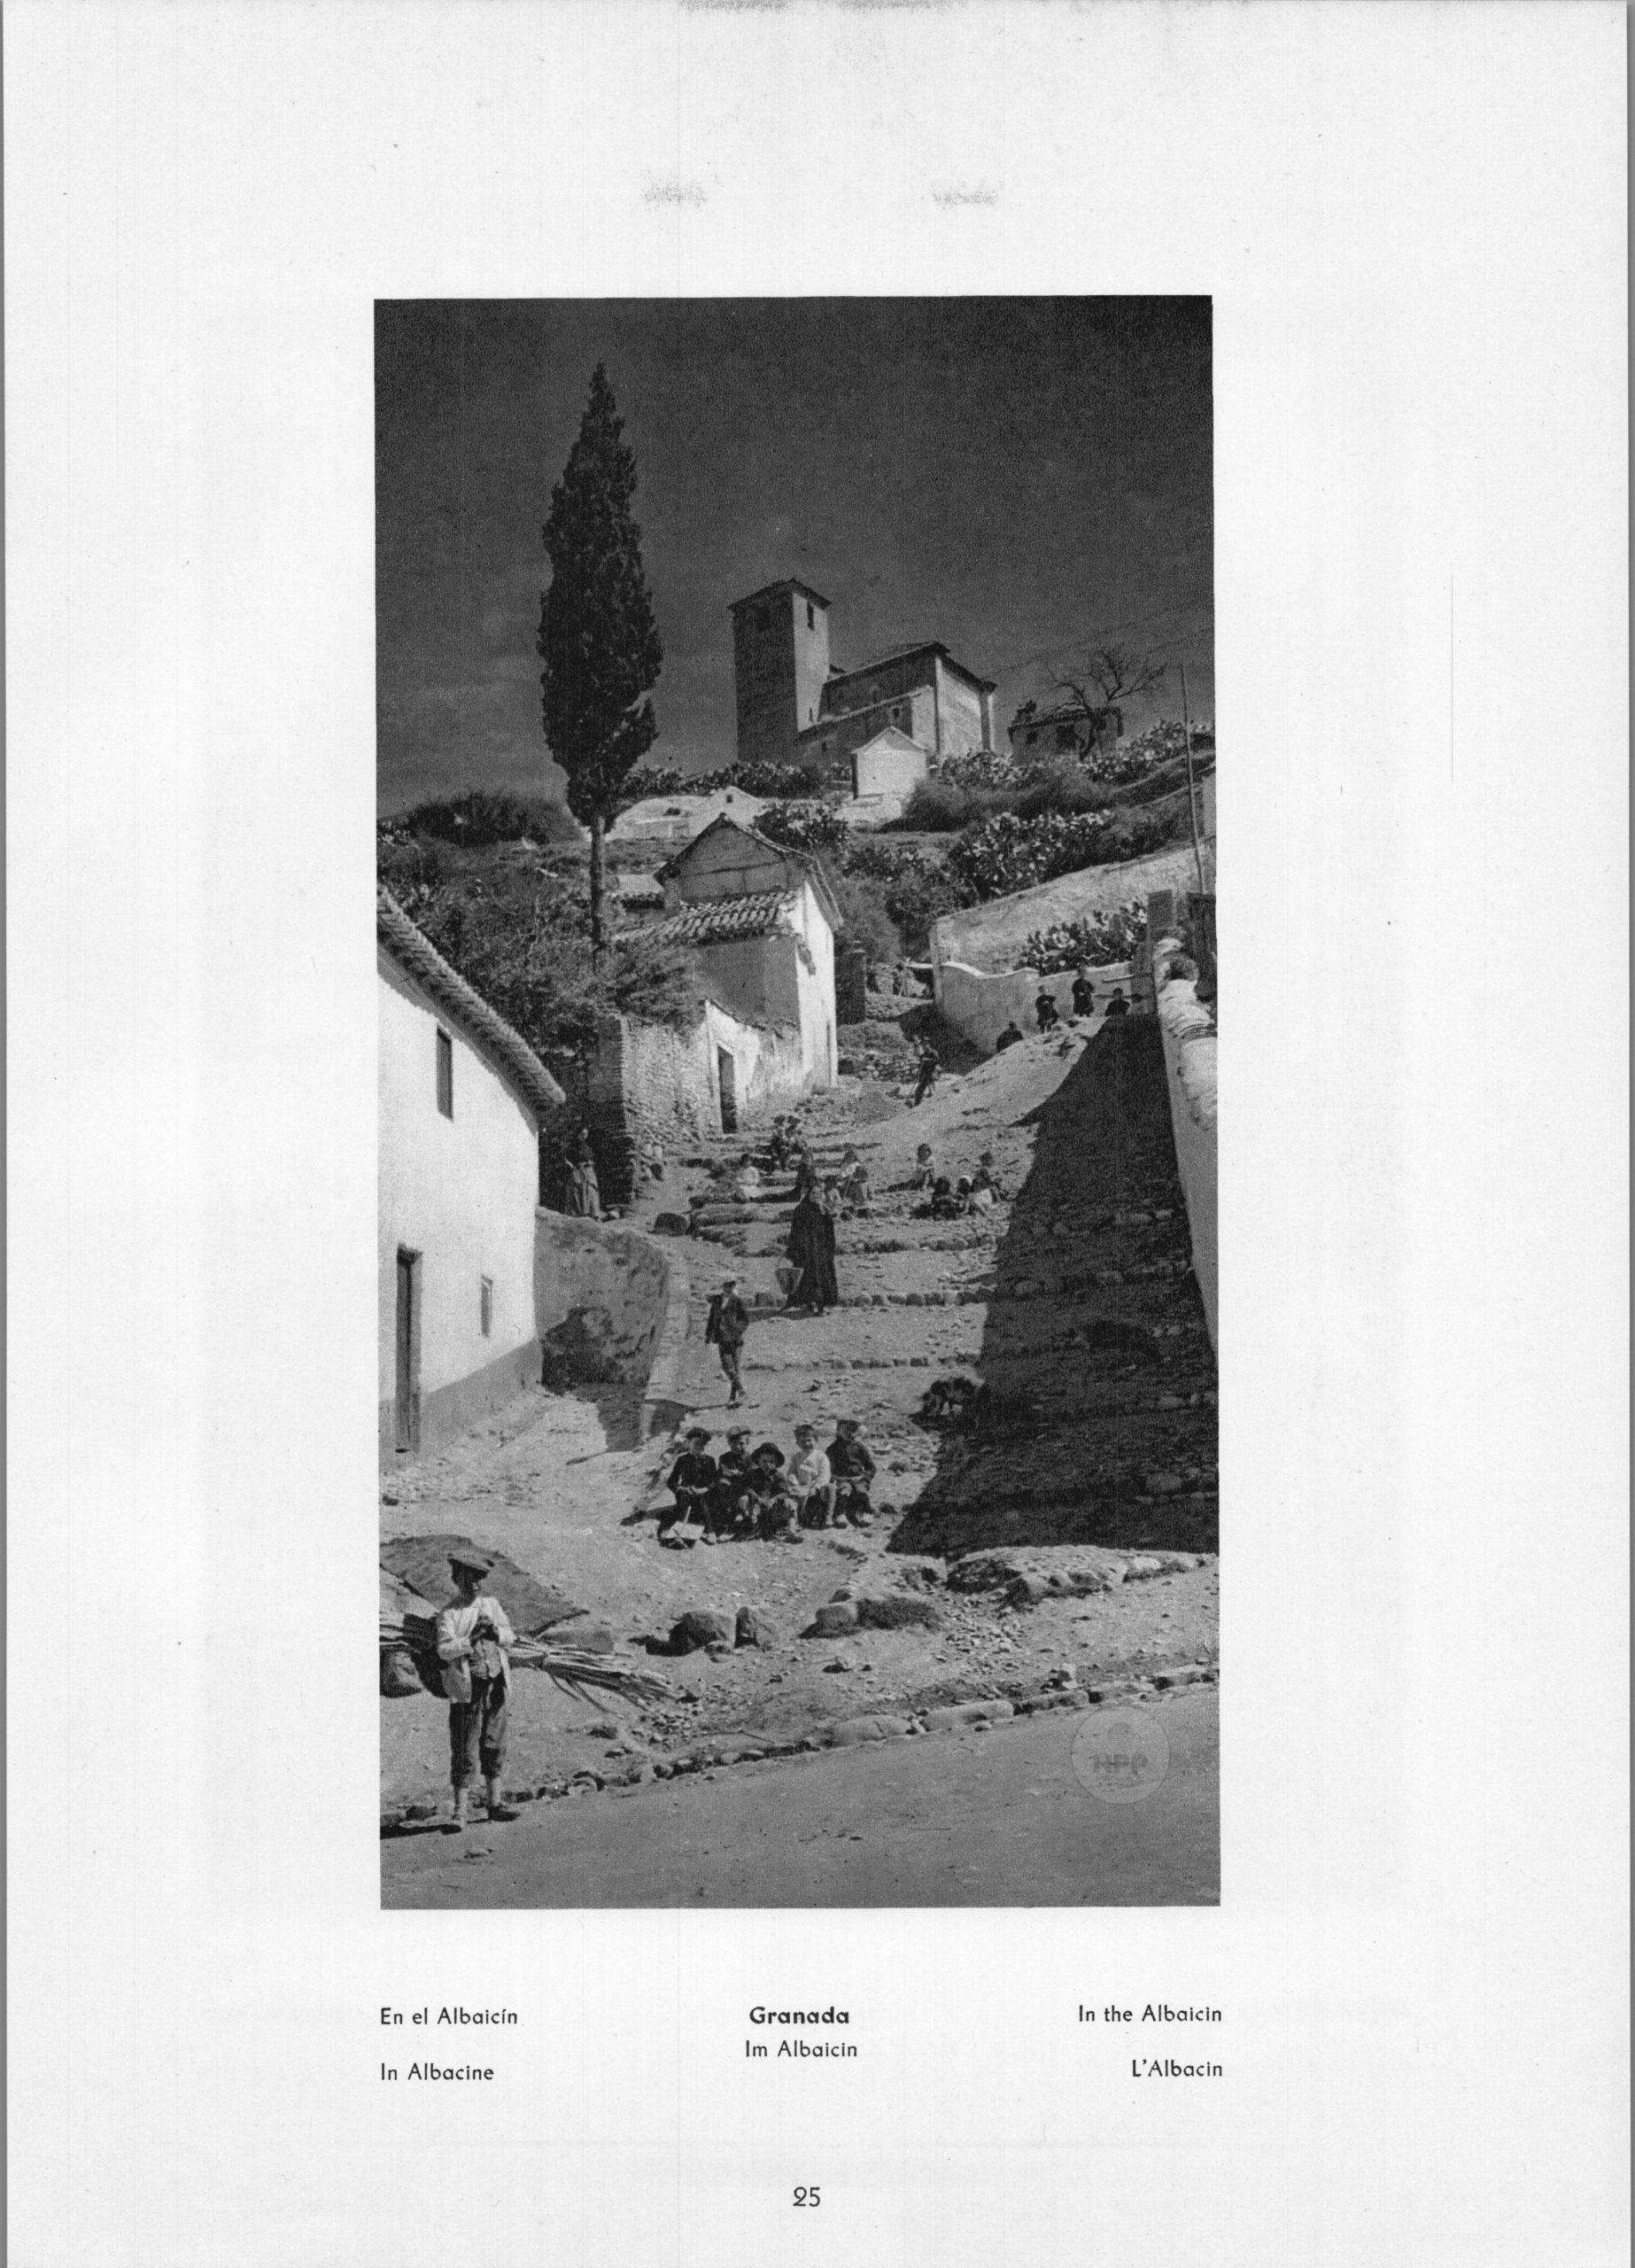 Granada Albaicin - In the Albaicin